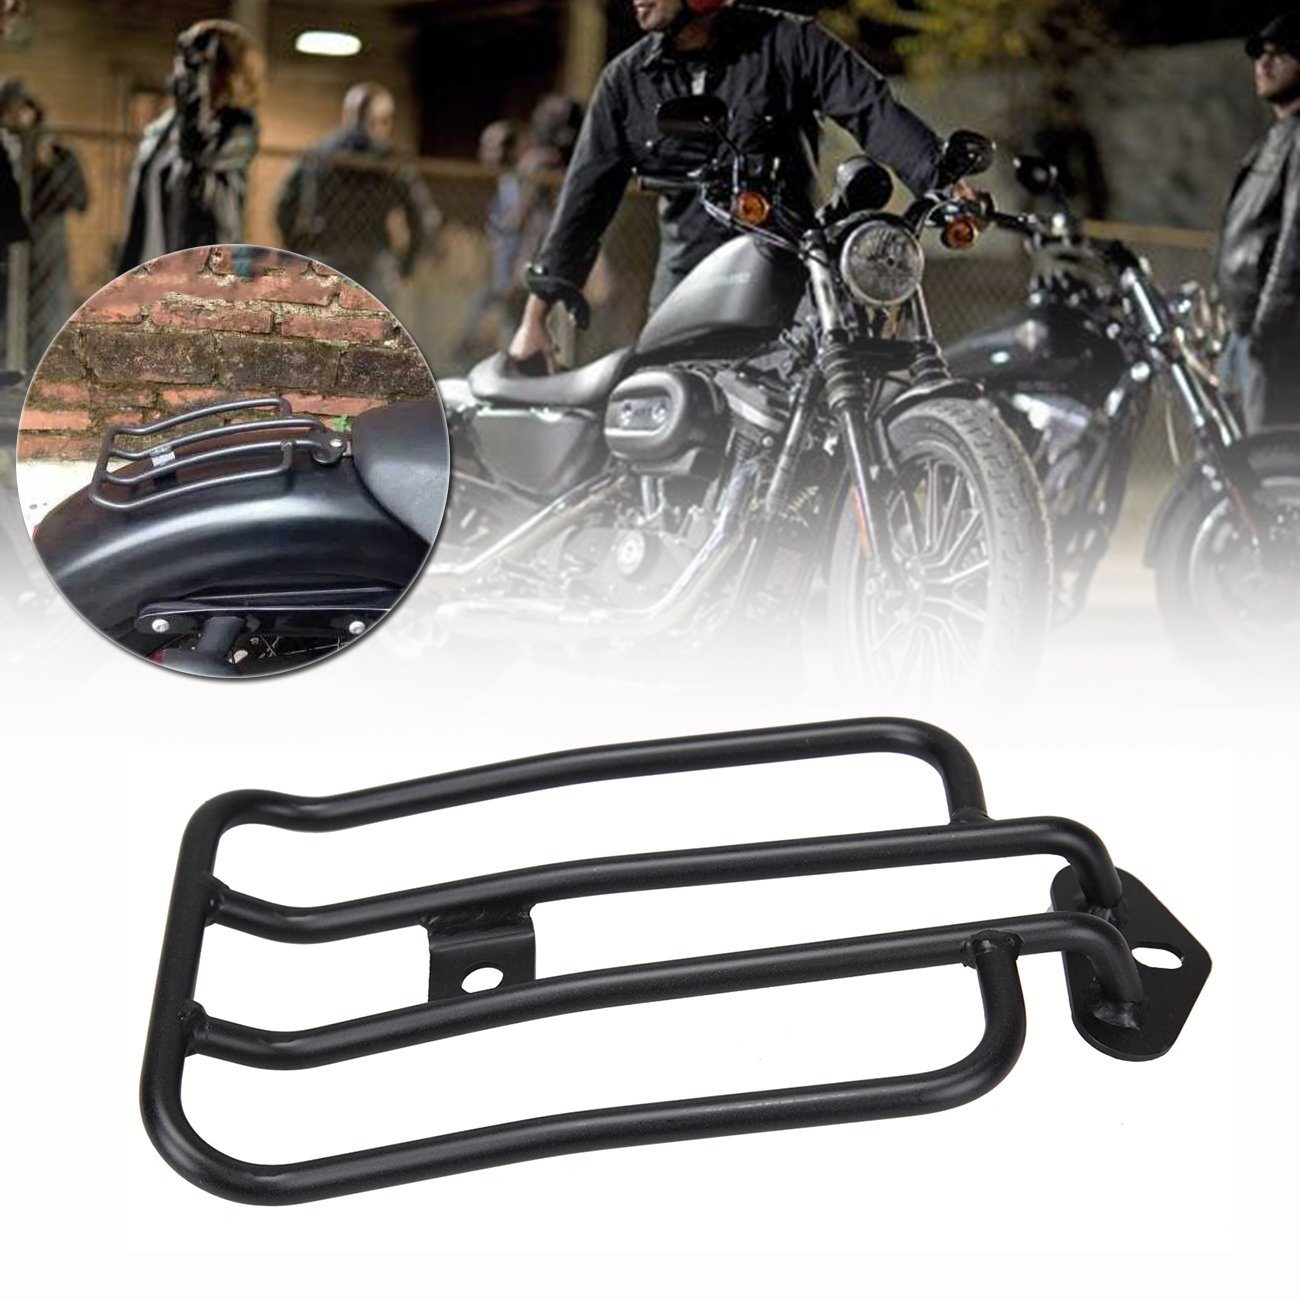 Sange Porte-Bagages pour Moto Solo Support de Rangement pour Mod/èles 2004-2015 Harley Davidson XL Sportster Noir